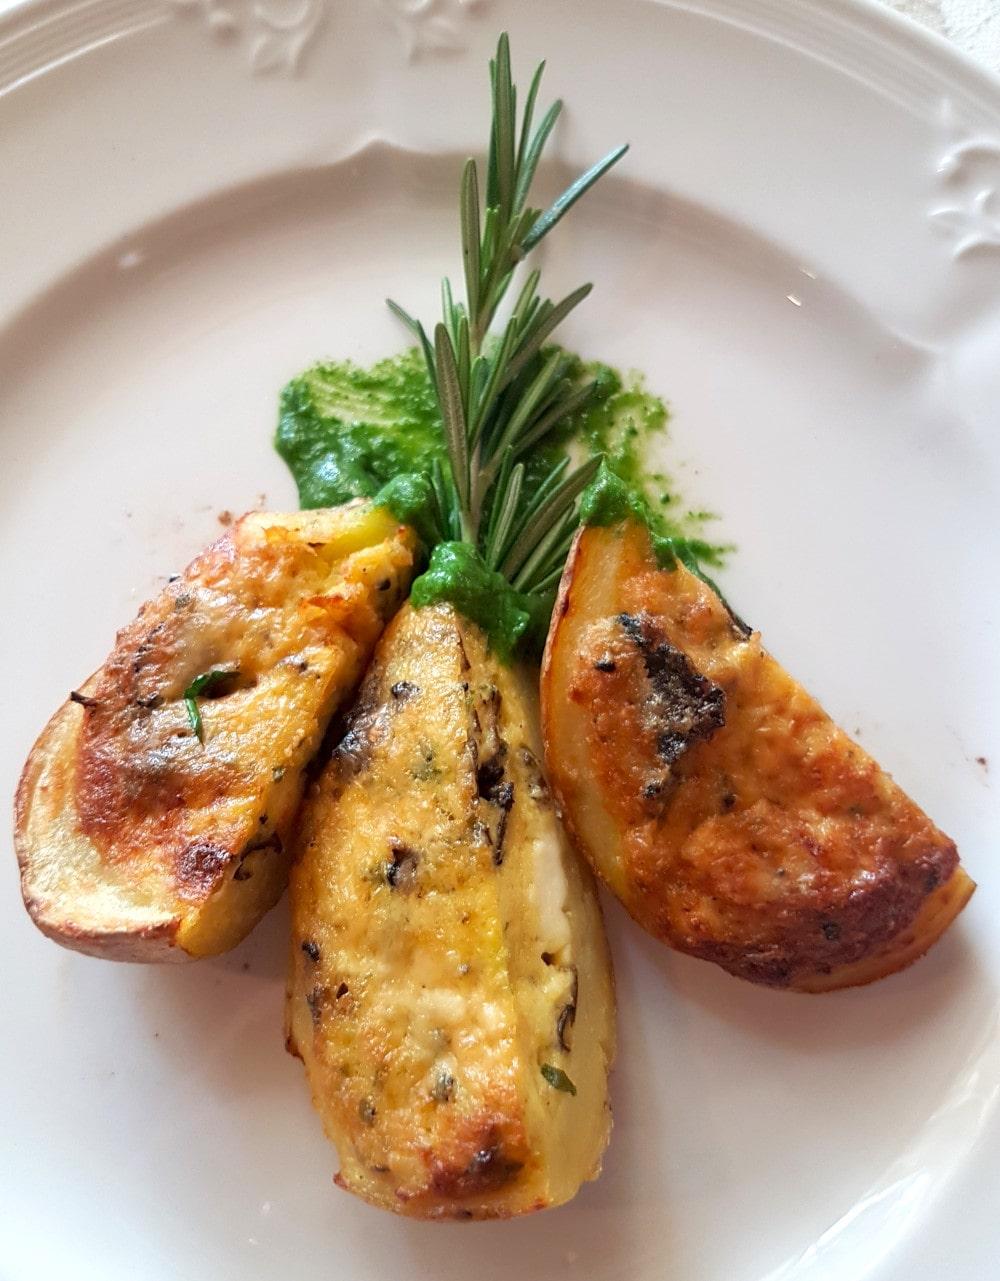 Mezzaluna di patate di Rotzo , tartufo nero e burrata fumee. Contorni e secondi, ristorazione Trevisani